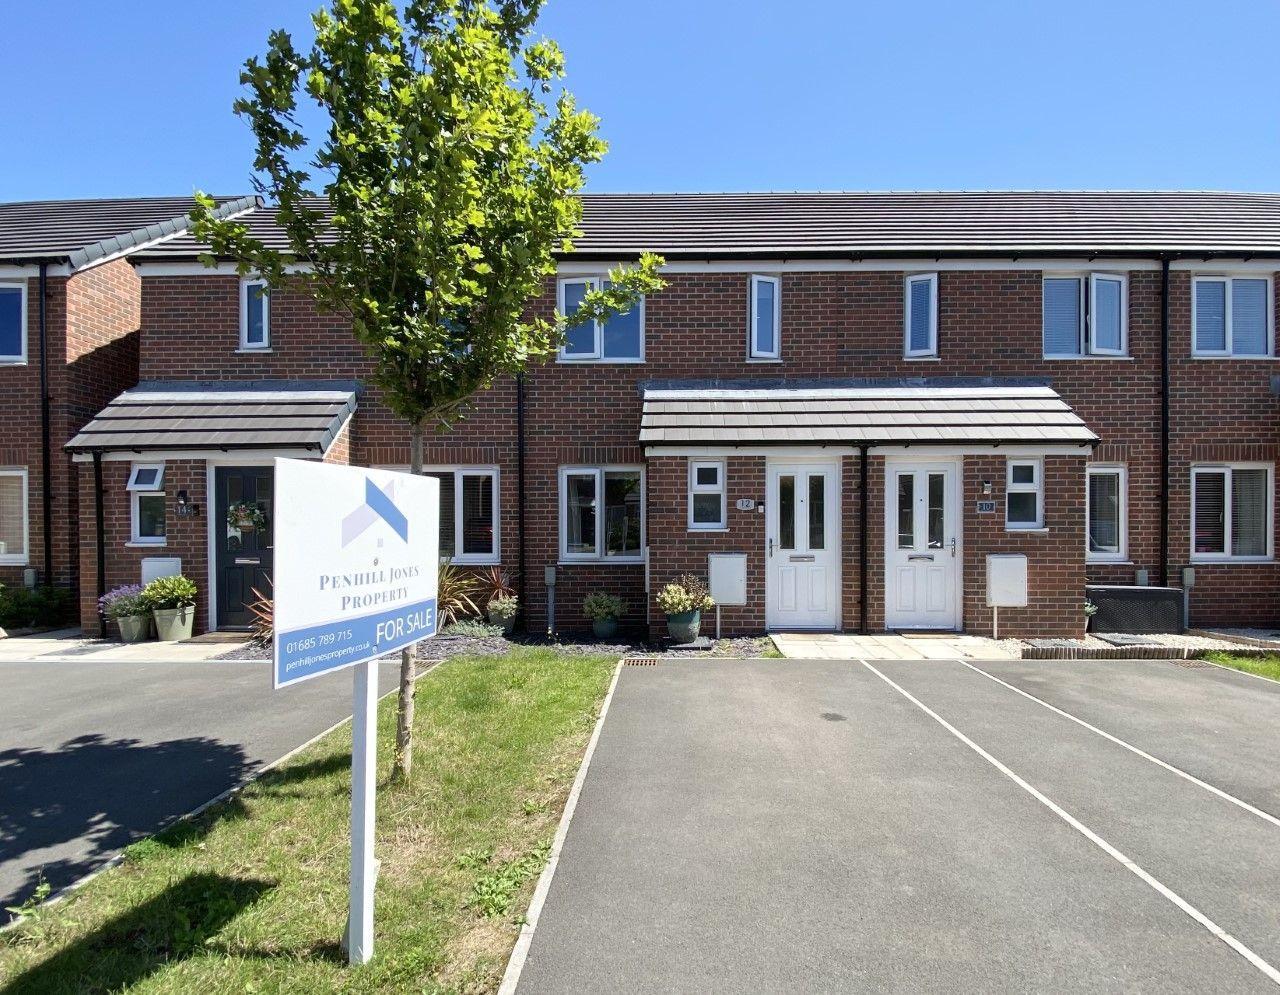 Property photo 1 of 20. Thumbnail_Img_7457